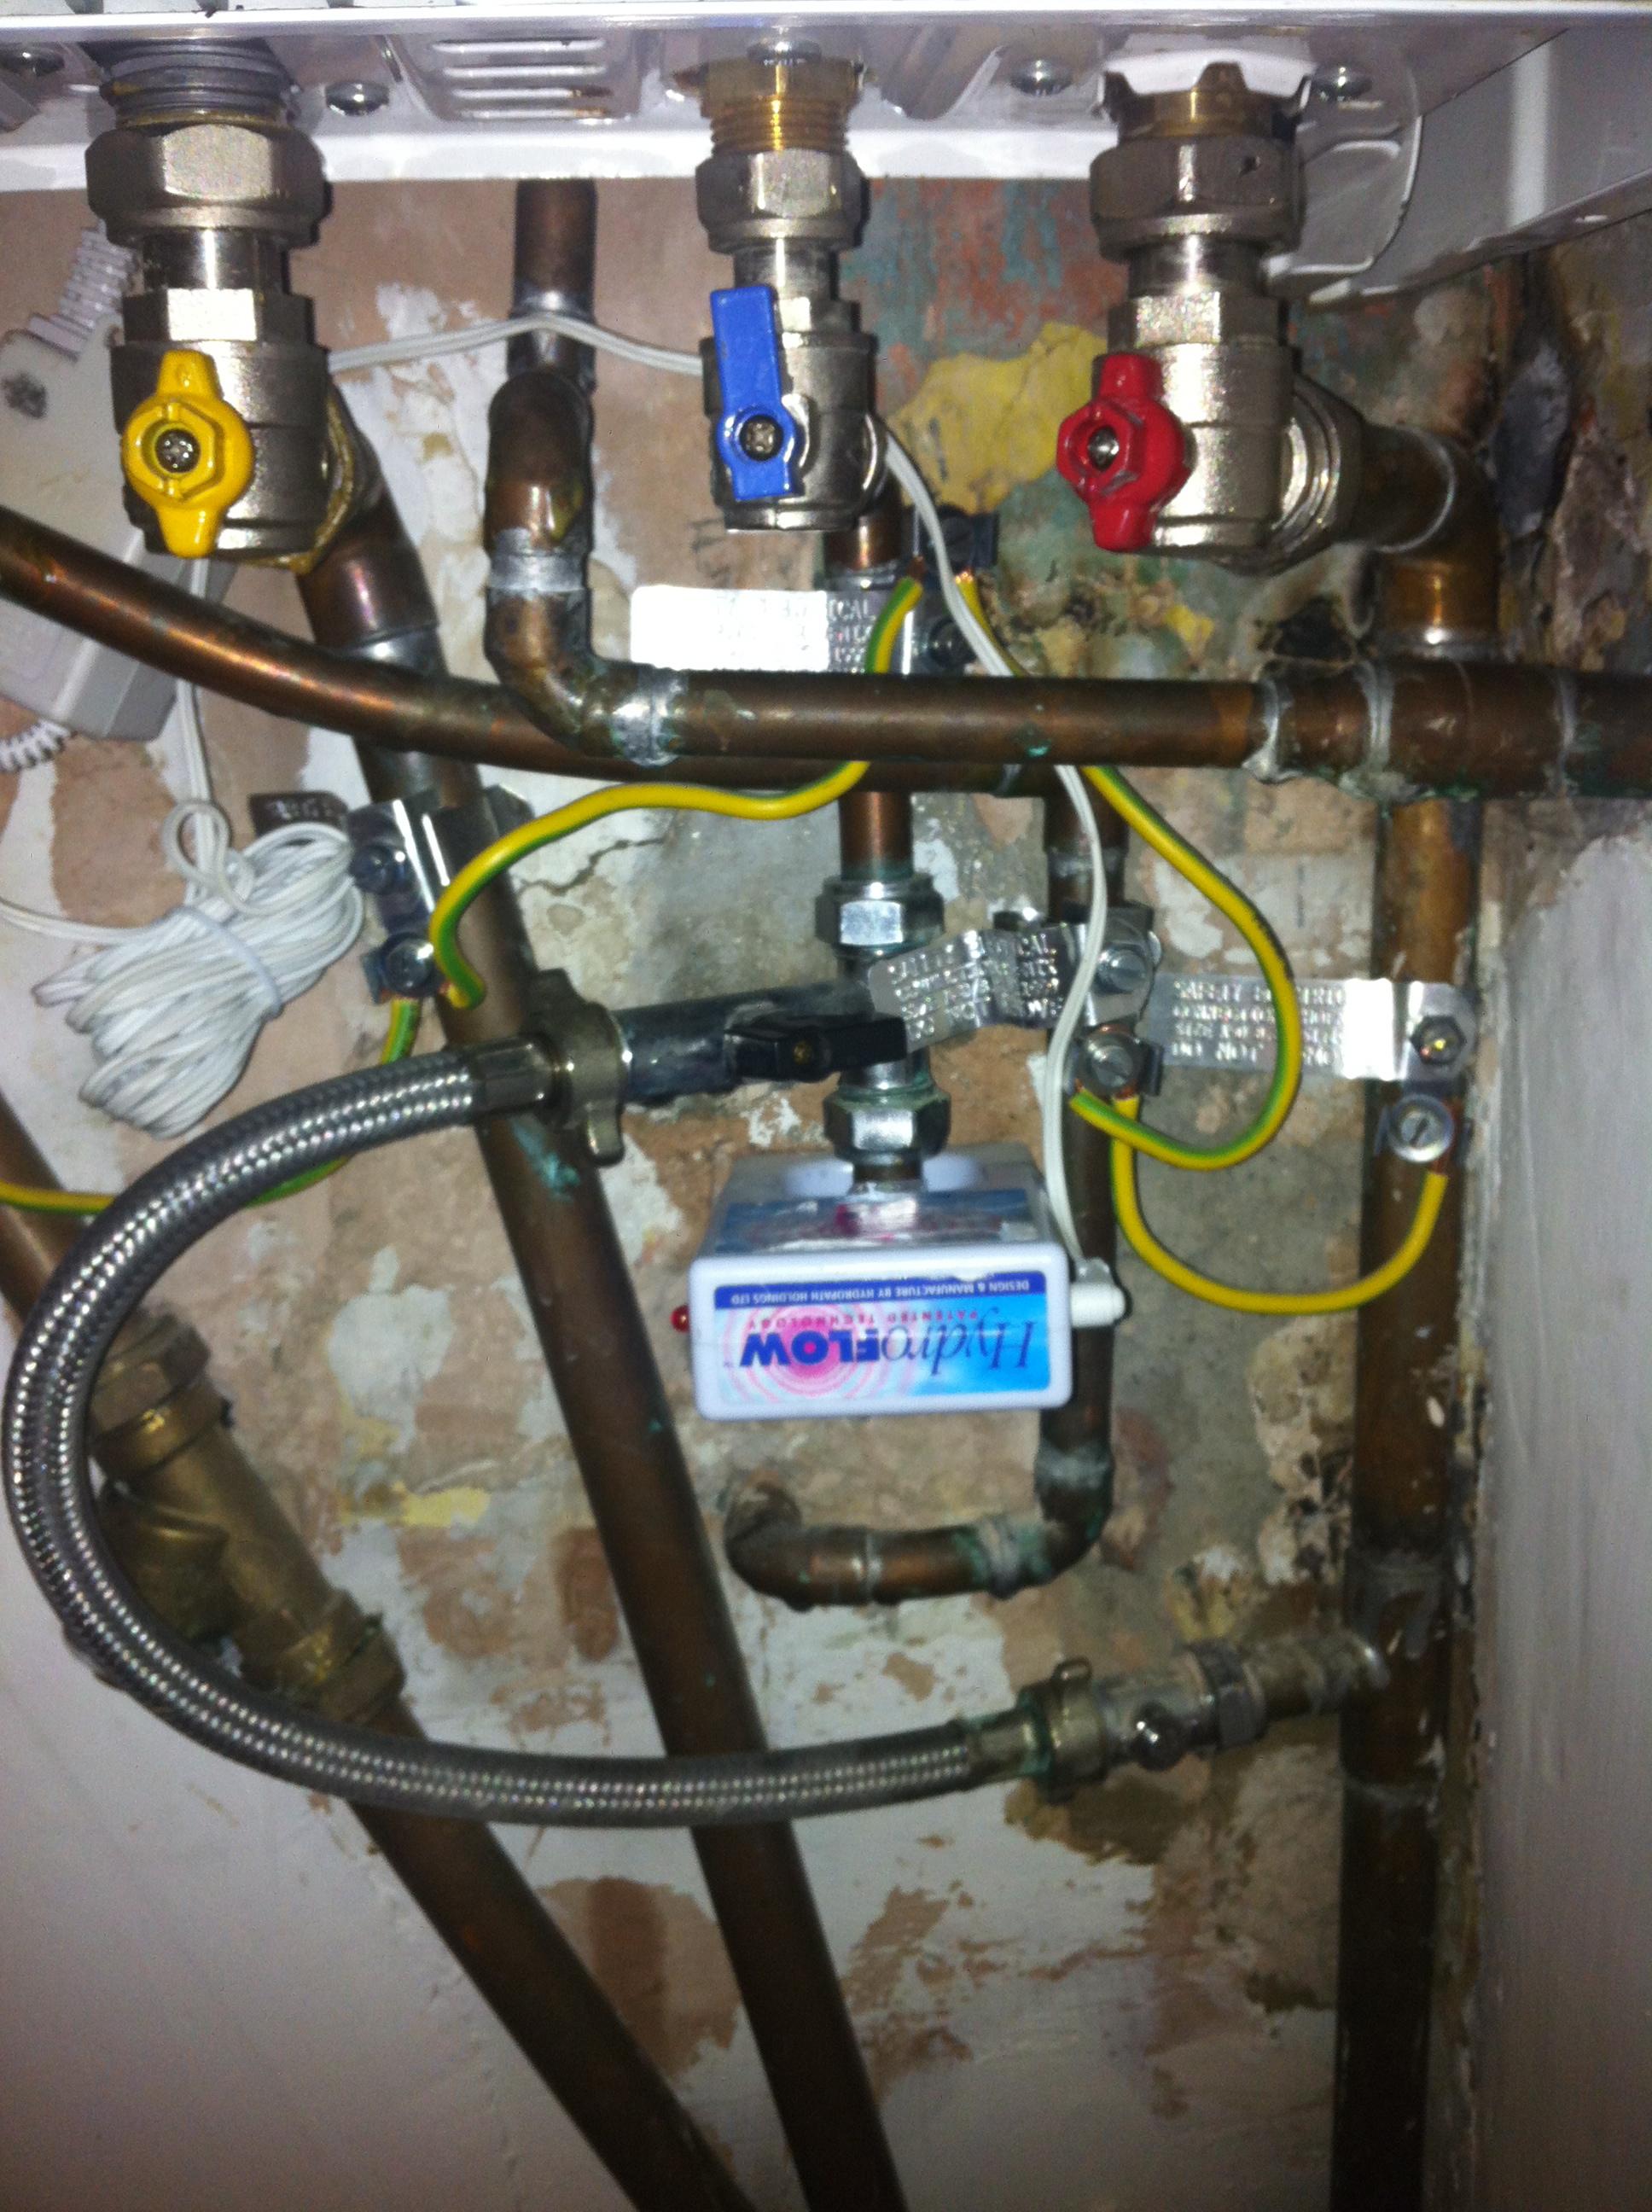 Boiler pressure too low